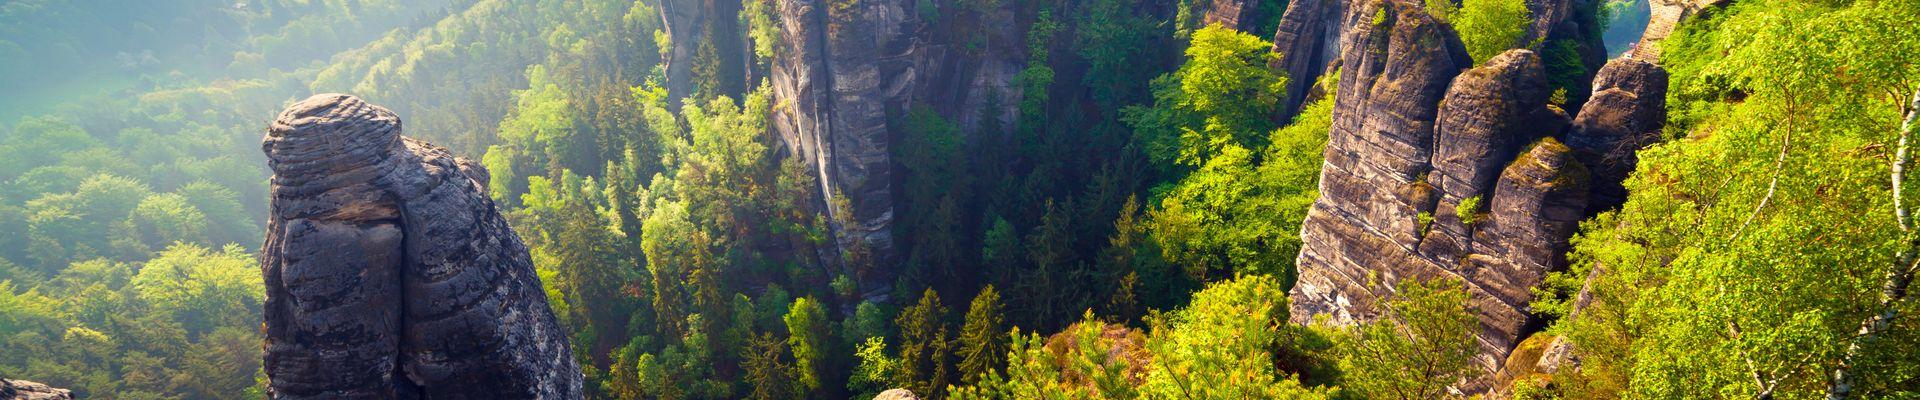 Kurzurlaub in der Sächsischen Schweiz